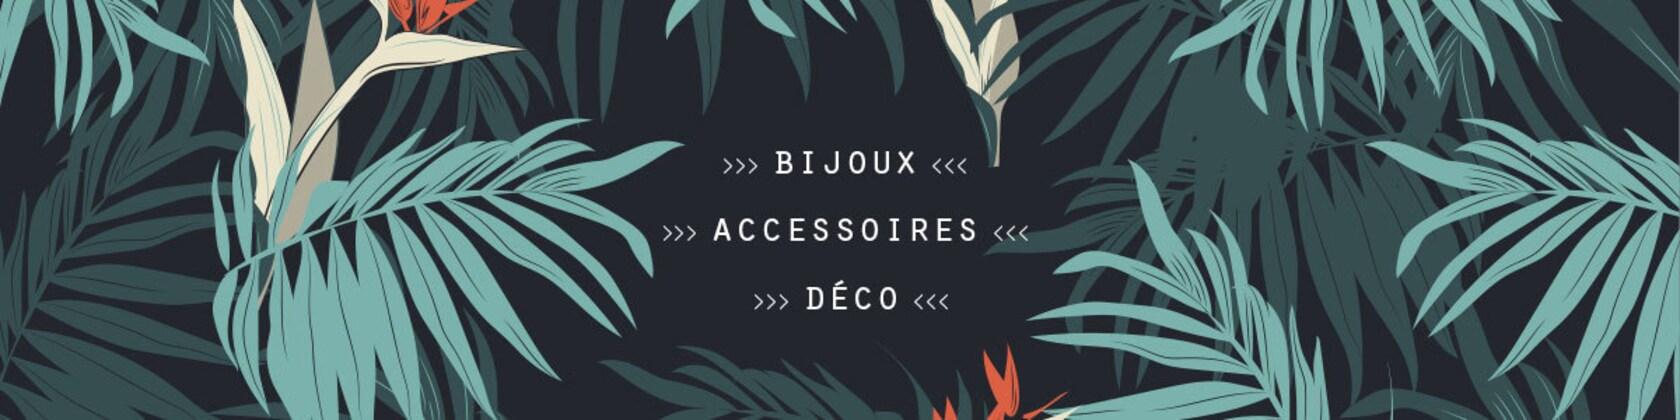 Bijoux accessoires de mode & déco bohème by HoboShopFR on Etsy